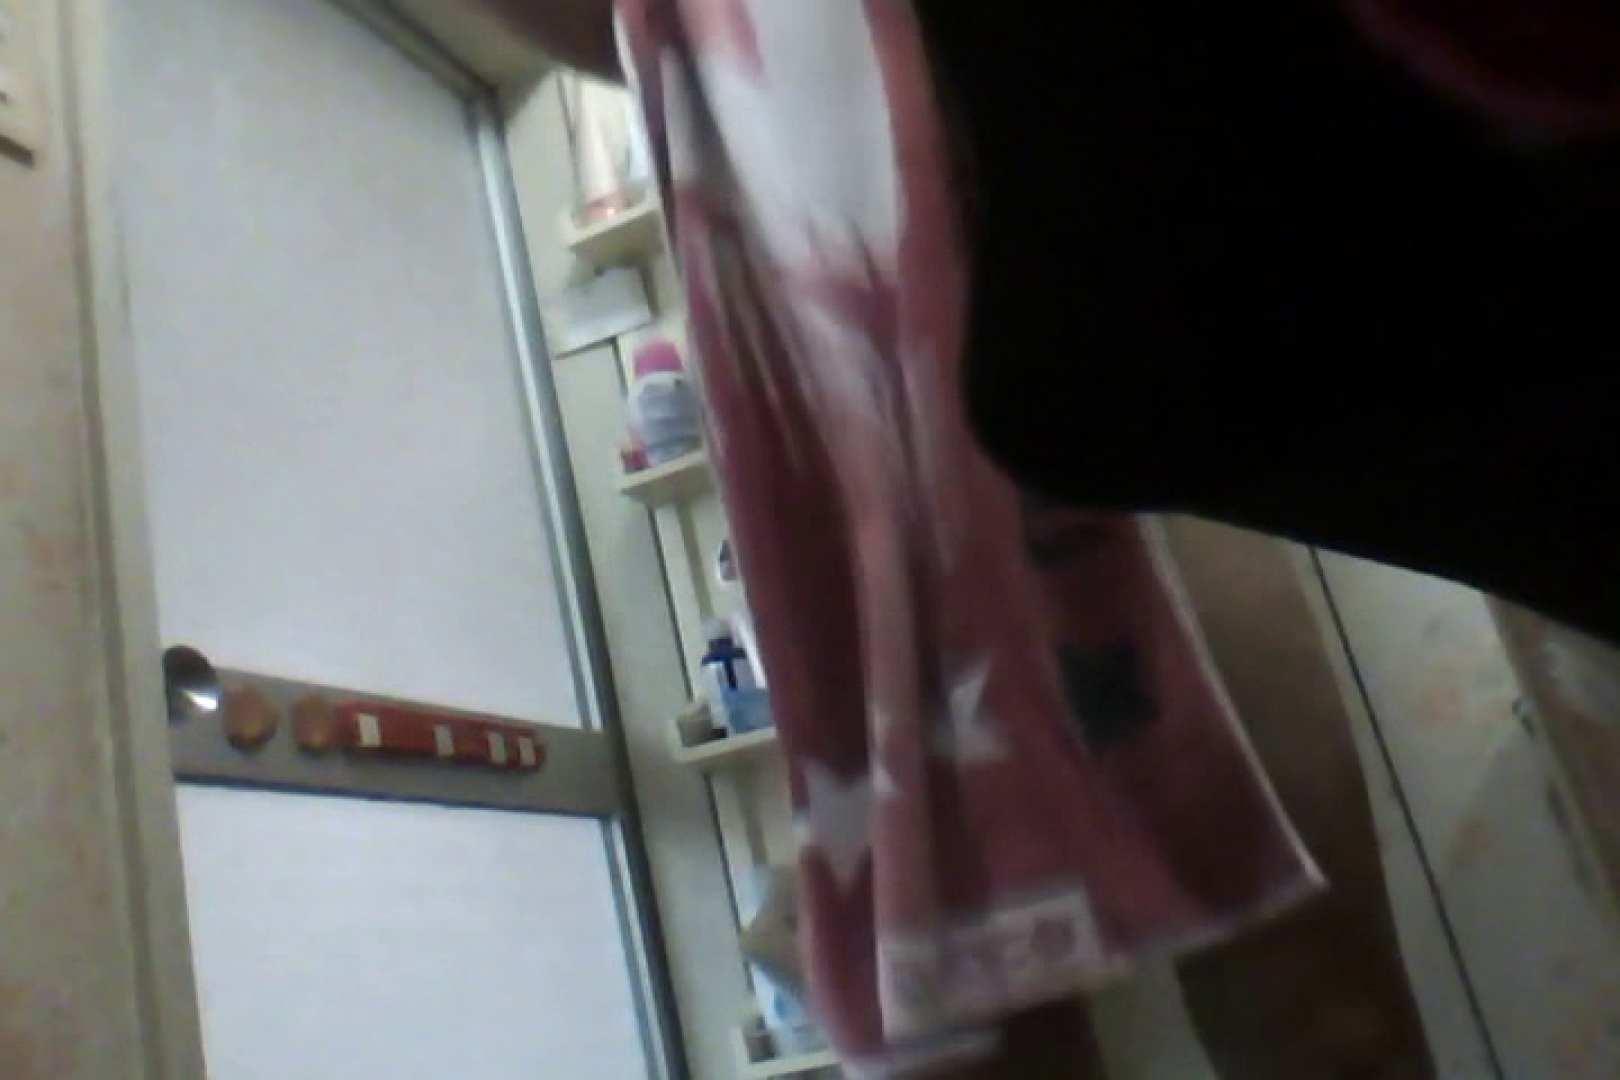 Came back チンピースさん!!vol.19 スジ筋系ボーイズ | 完全無修正でお届け  75pic 46